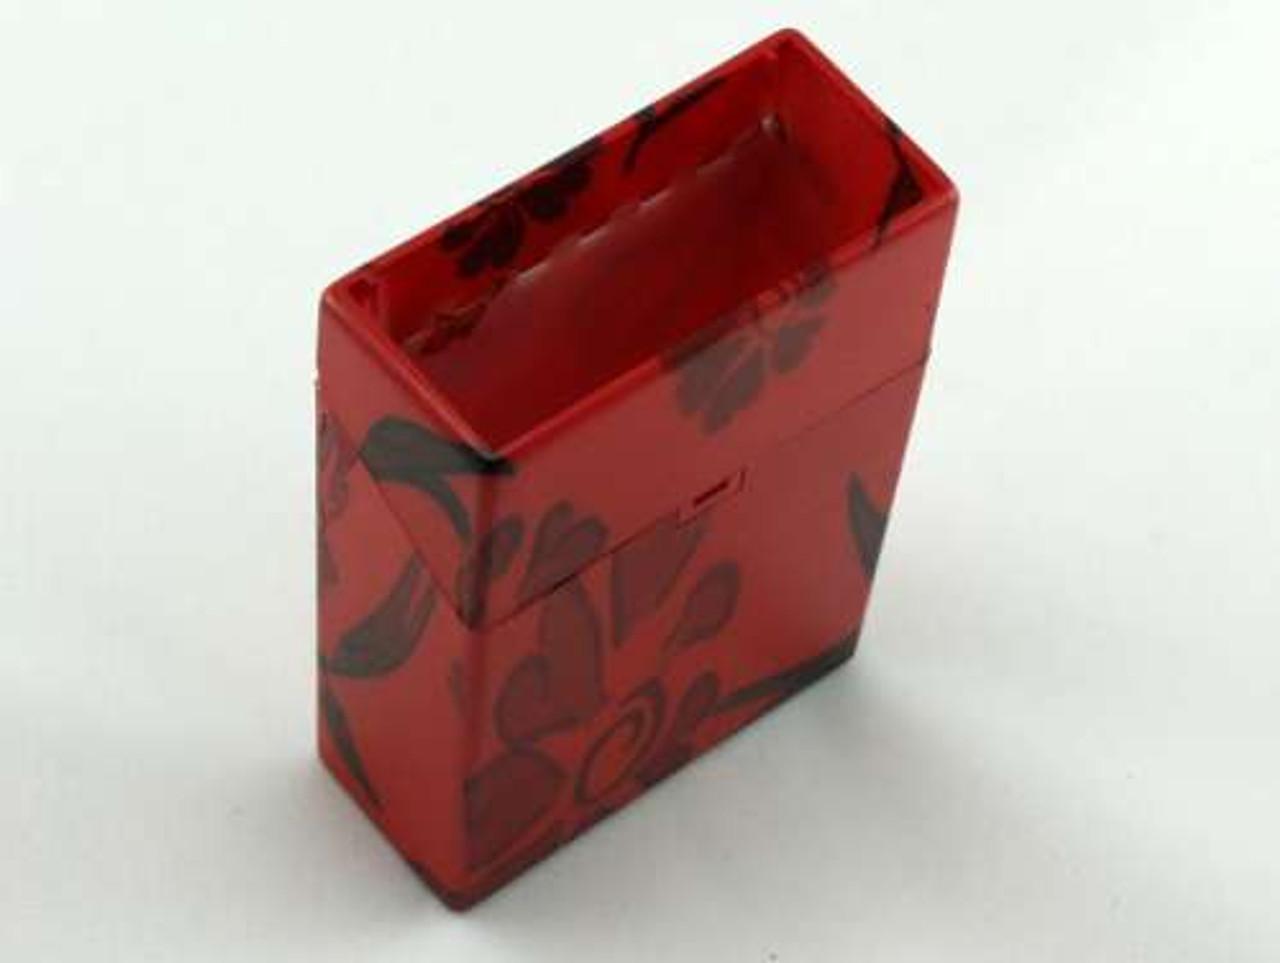 Red Flower Cigarette Pack Holder